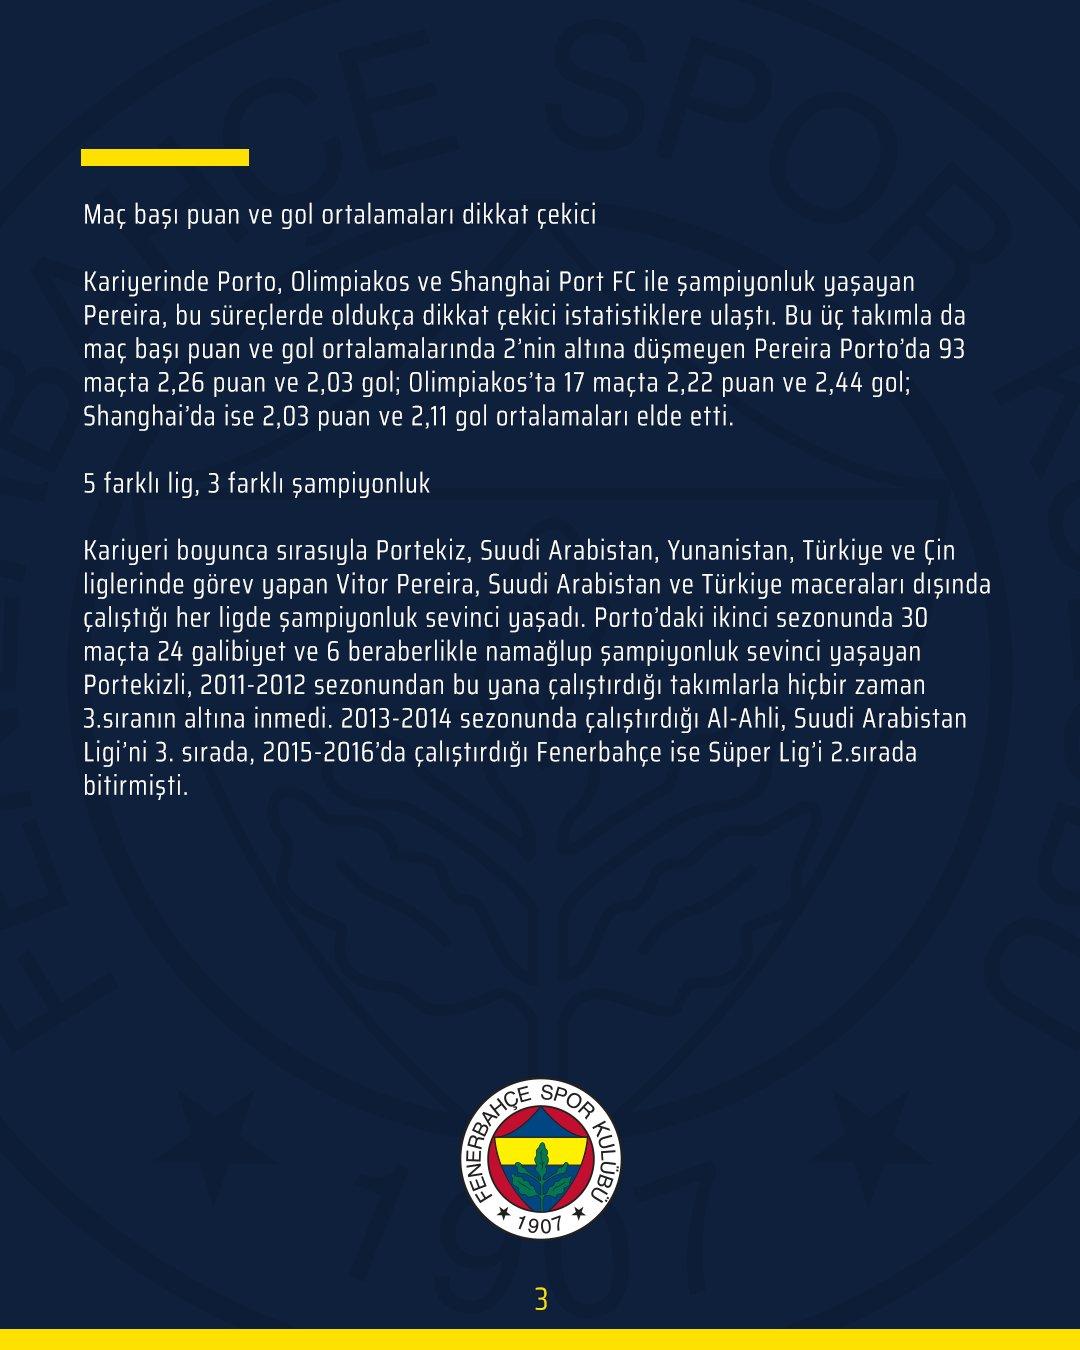 Son dakika   Resmen açıklandı! Fenerbahçe'nin yeni teknik direktörü belli oldu